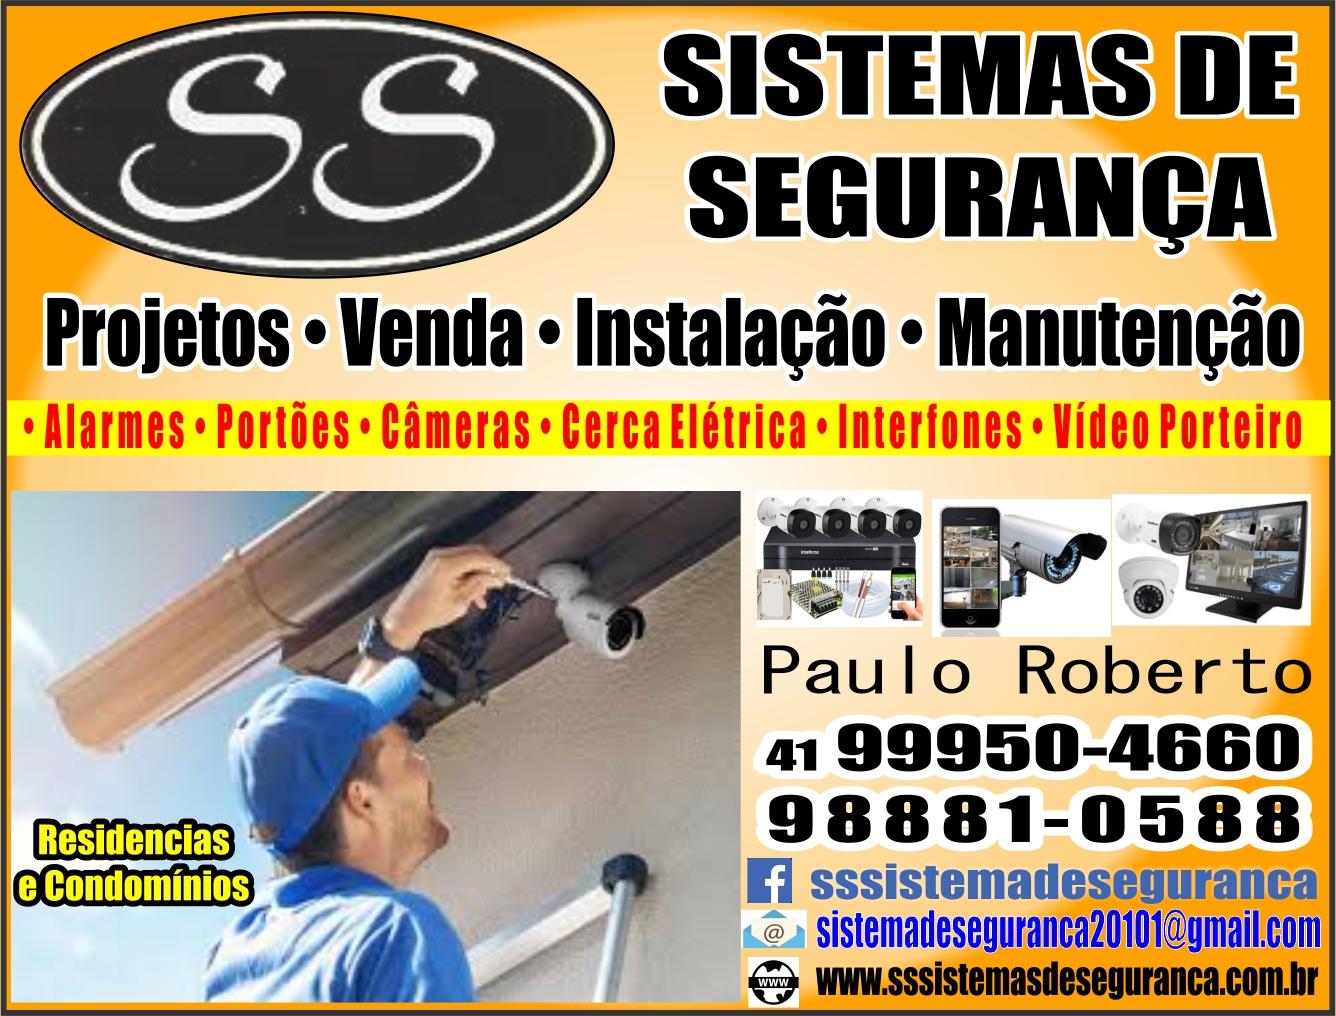 SS Sistemas de Segurança       RUA JOÃO ANTÔNIO BRAGA CORTES, 743, CURITIBA - PR  Fones: (41)99950-4660 / (41) 98881-0588